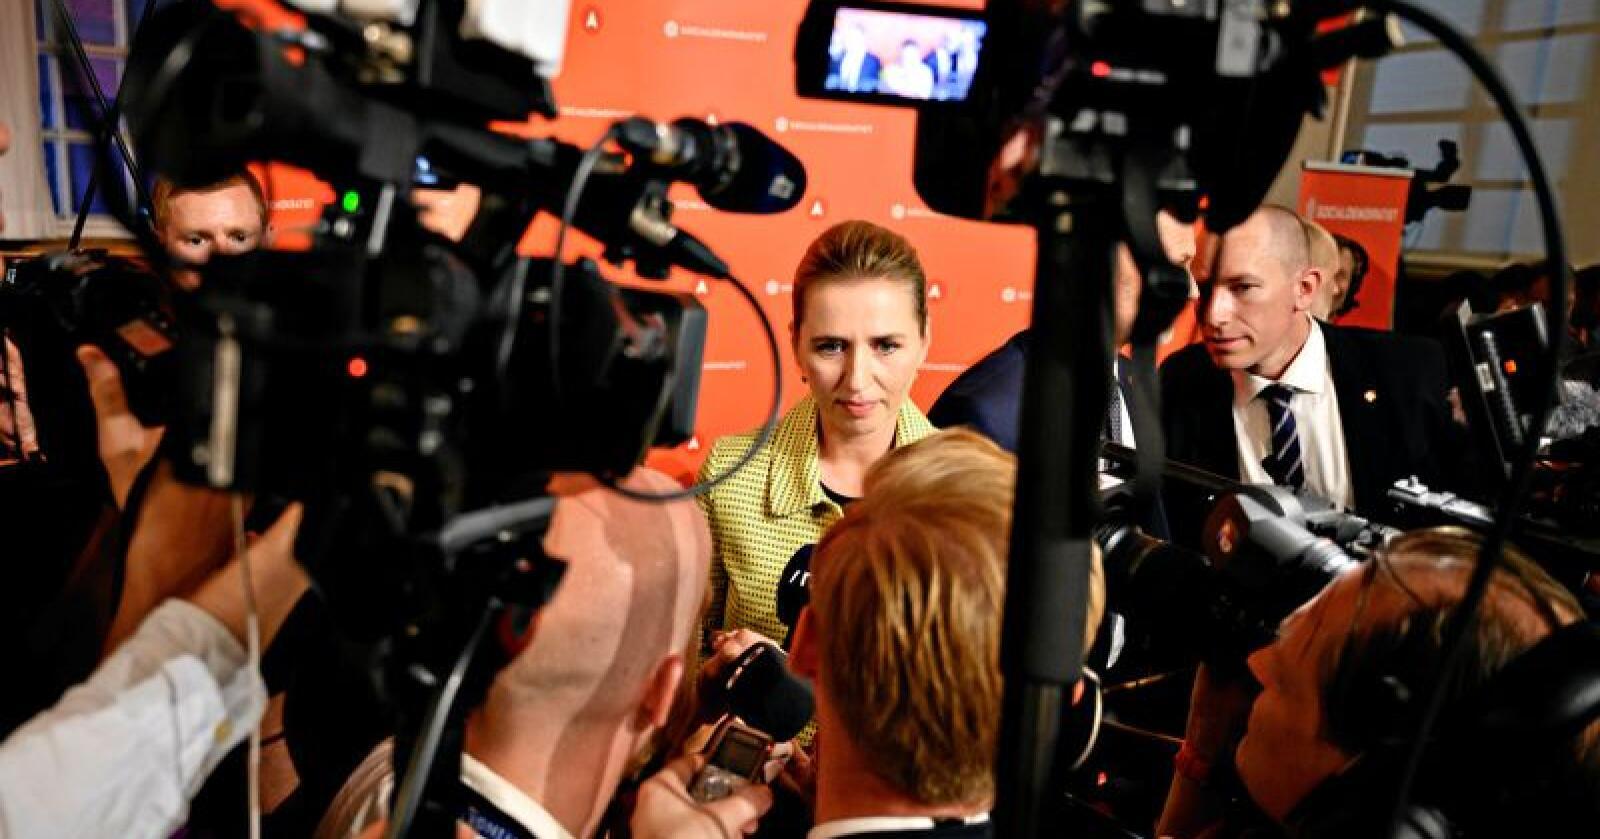 Dansk valg: Leder av Danmarks største parti Socialdemokratiet, Mette Frederiksen, er i gang med regjeringssonderinger. Foto: Philip Davali/Ritzau Scanpix via AP, NTB scanpix